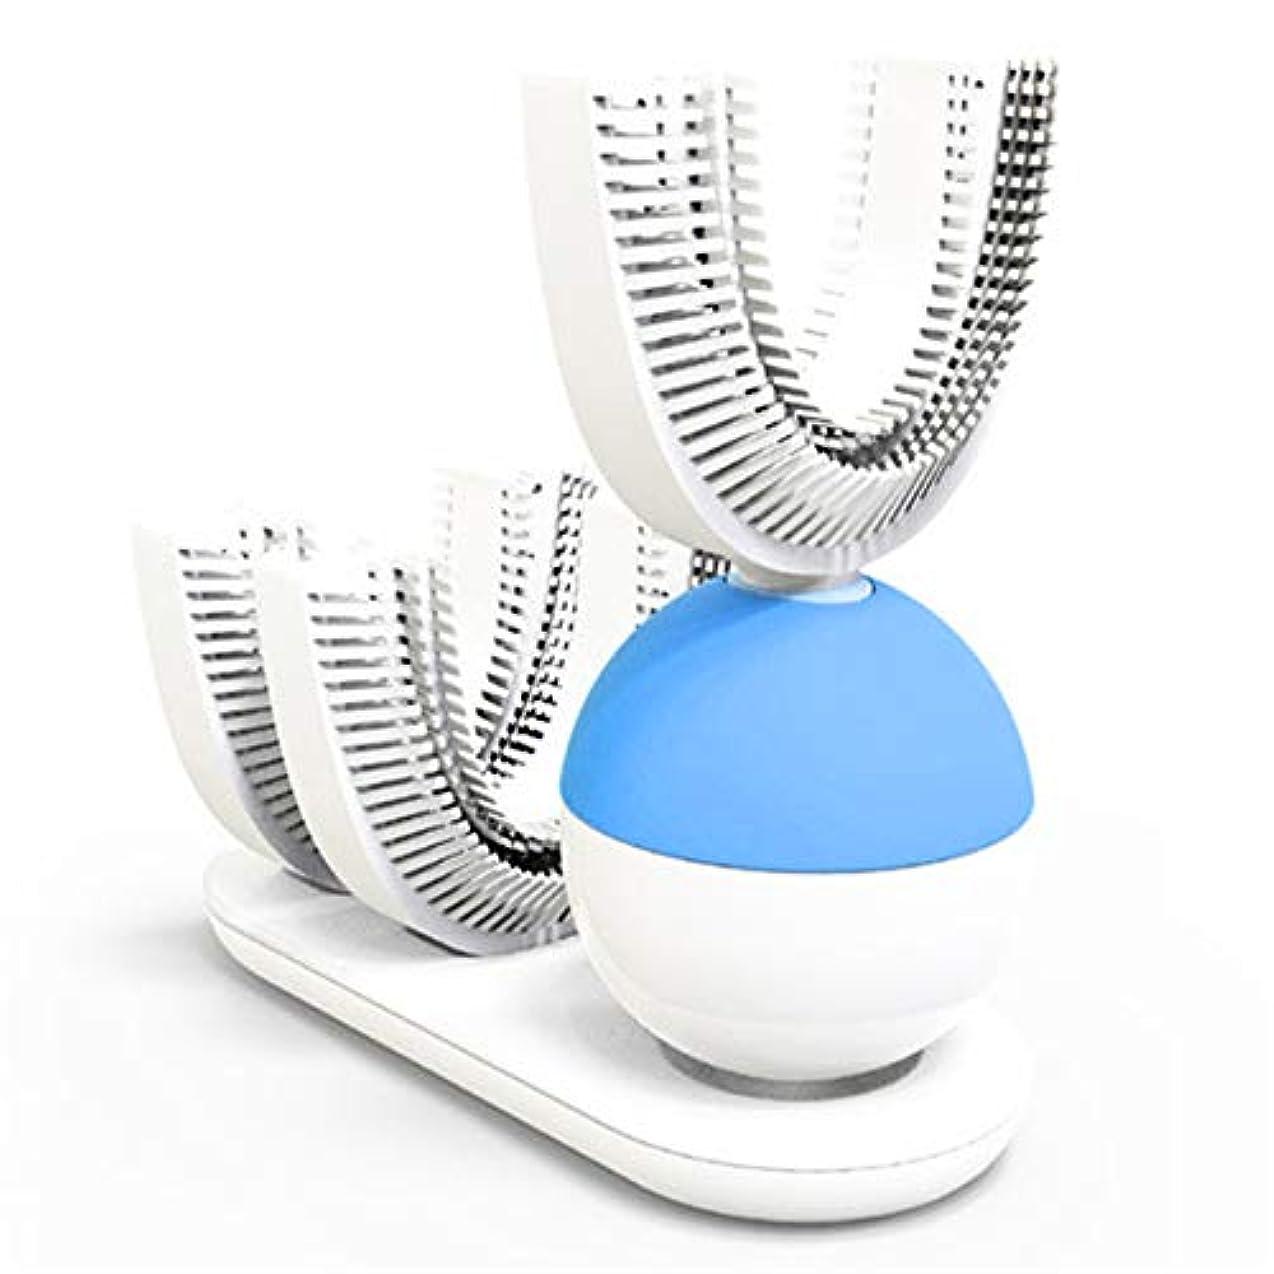 かけるに話す寛解電動歯ブラシ 自動歯ブラシ U型 360°全方位 超音波 怠け者歯ブラシ ワイヤレス充電 歯ブラシヘッド付き